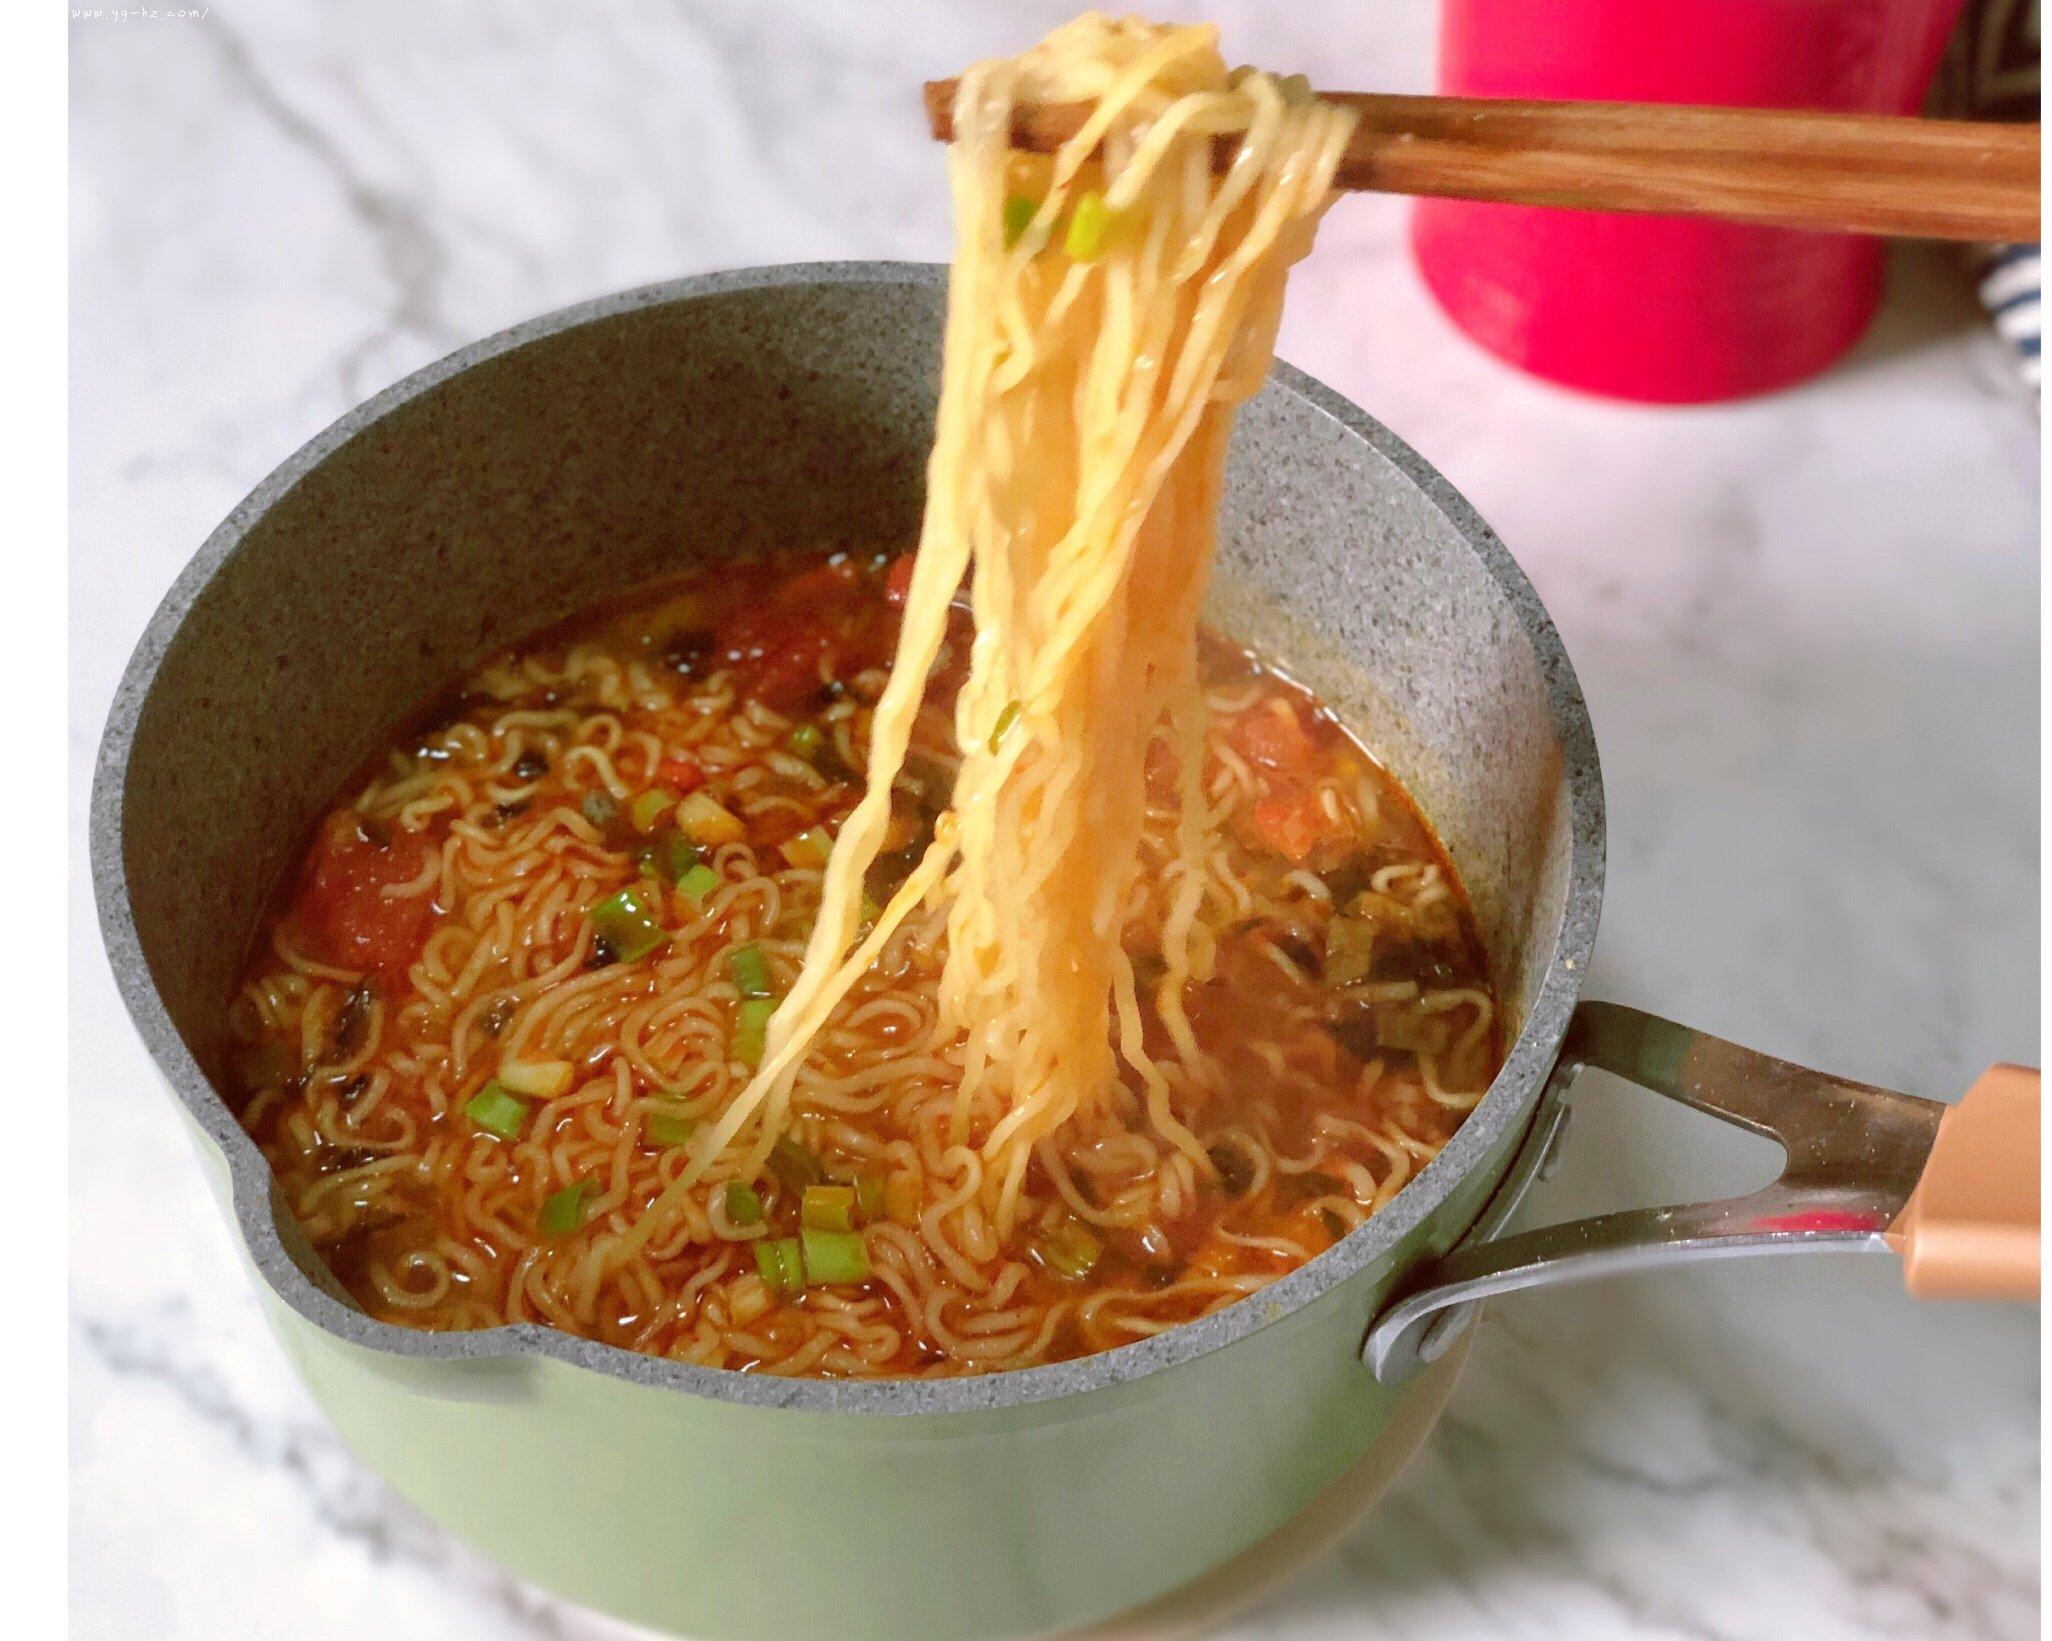 超好吃的西红柿浓汤泡面的做法 步骤8